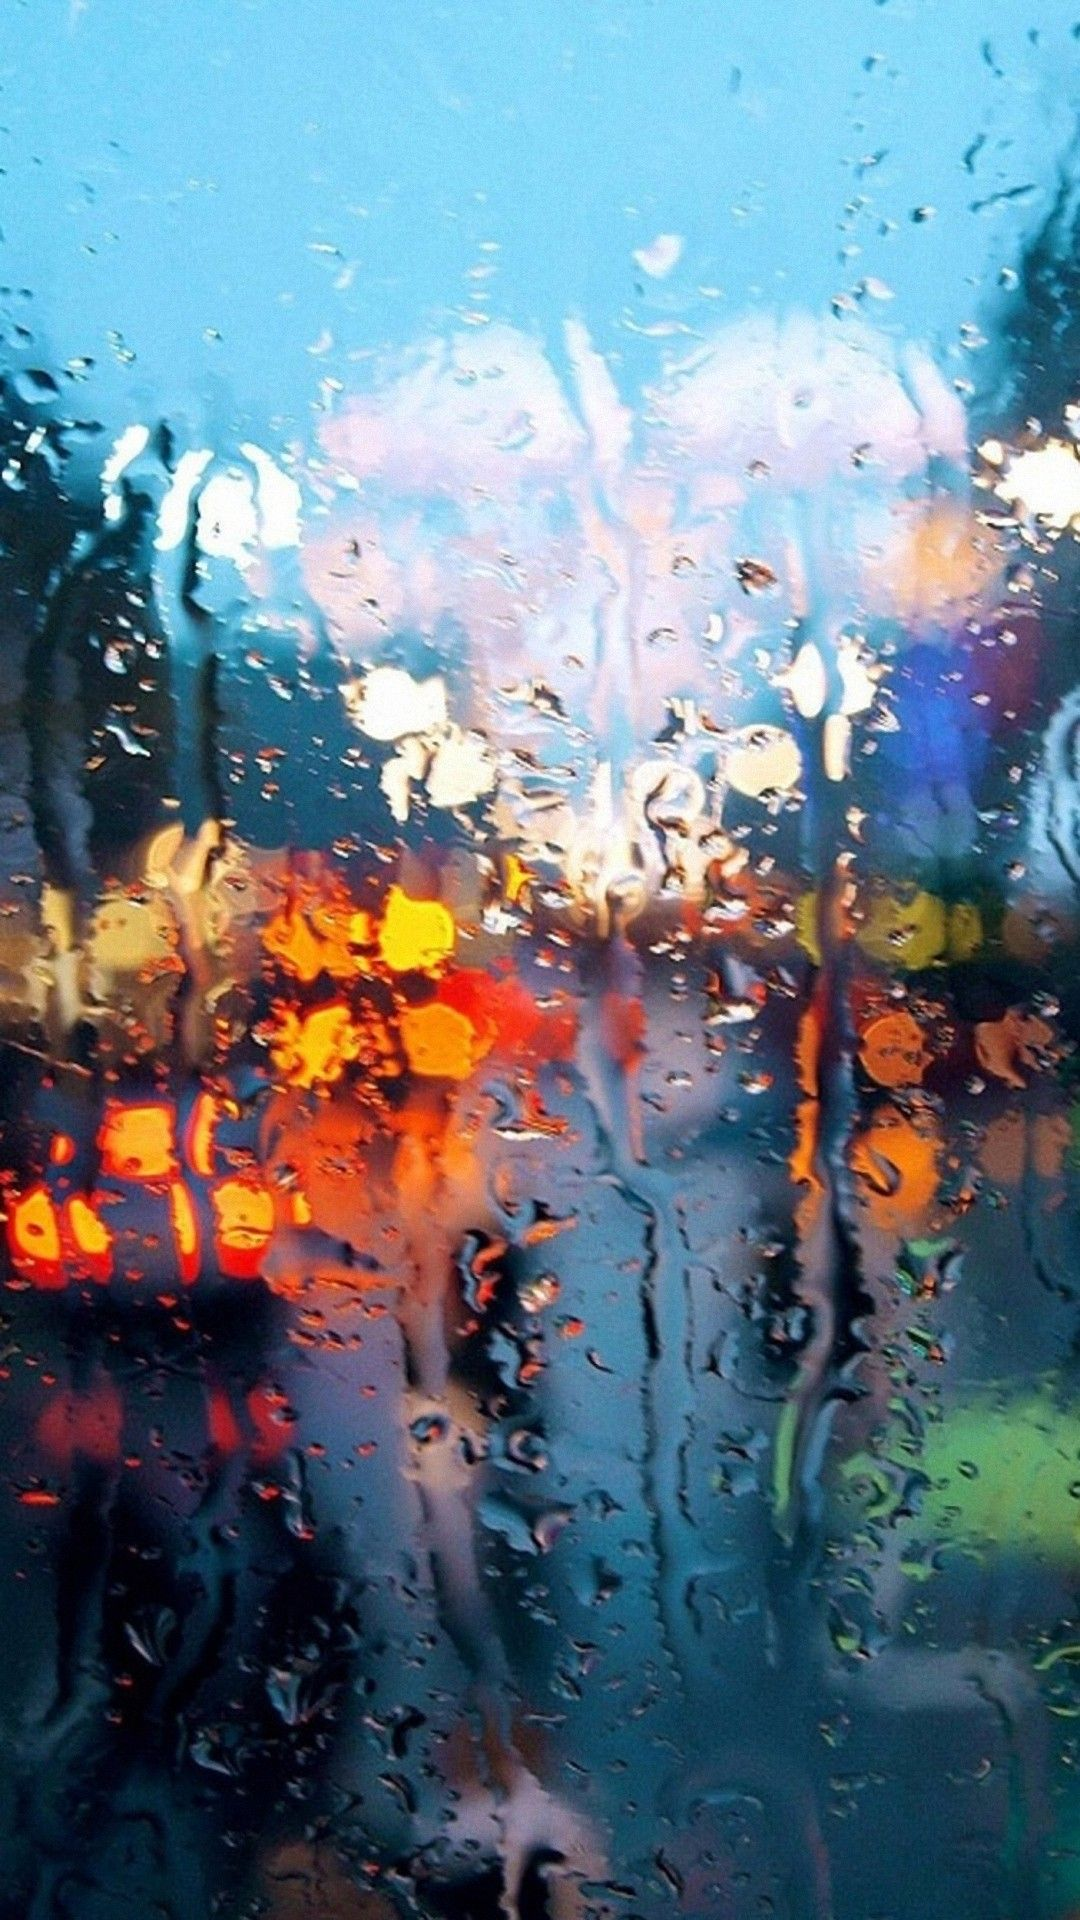 ガラス越しの雨 雨の窓 Iphone 壁紙 Iphone 5壁紙